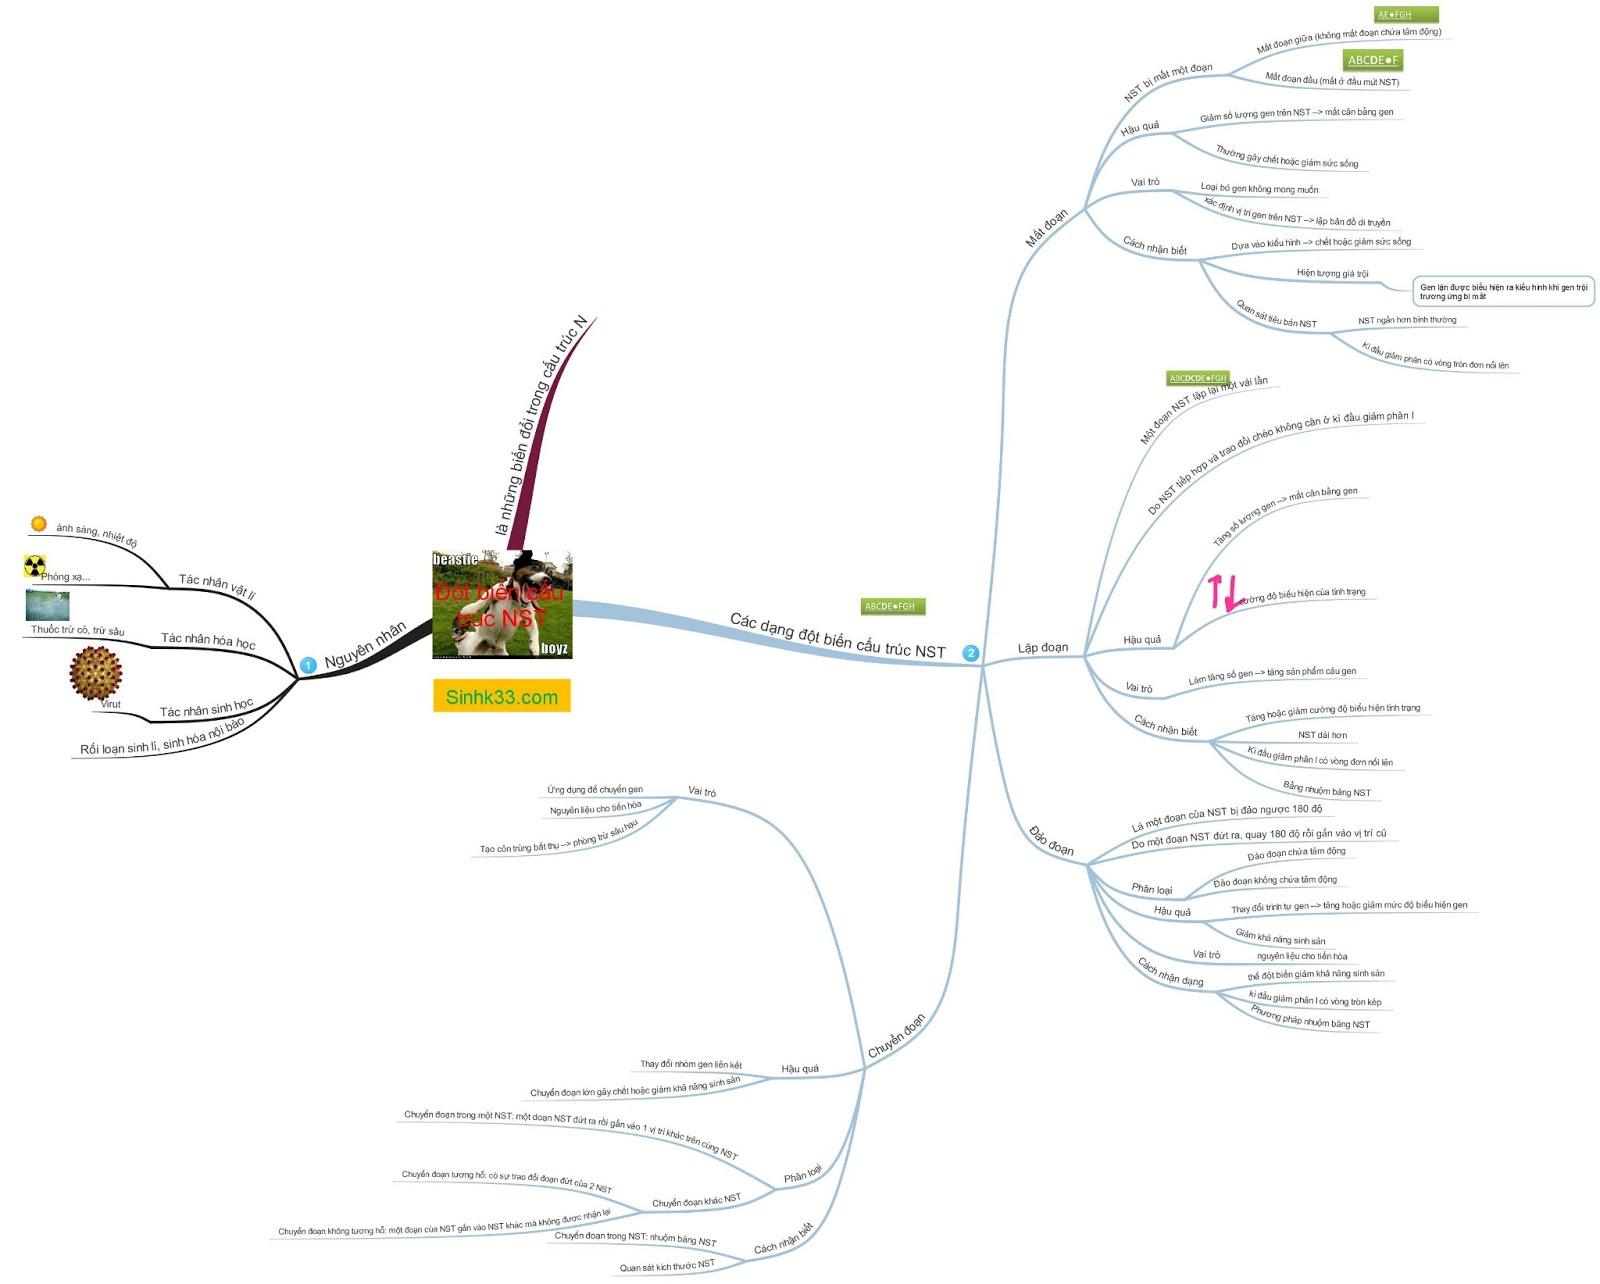 Sơ đồ tư duy đột biến cấu trúc NST